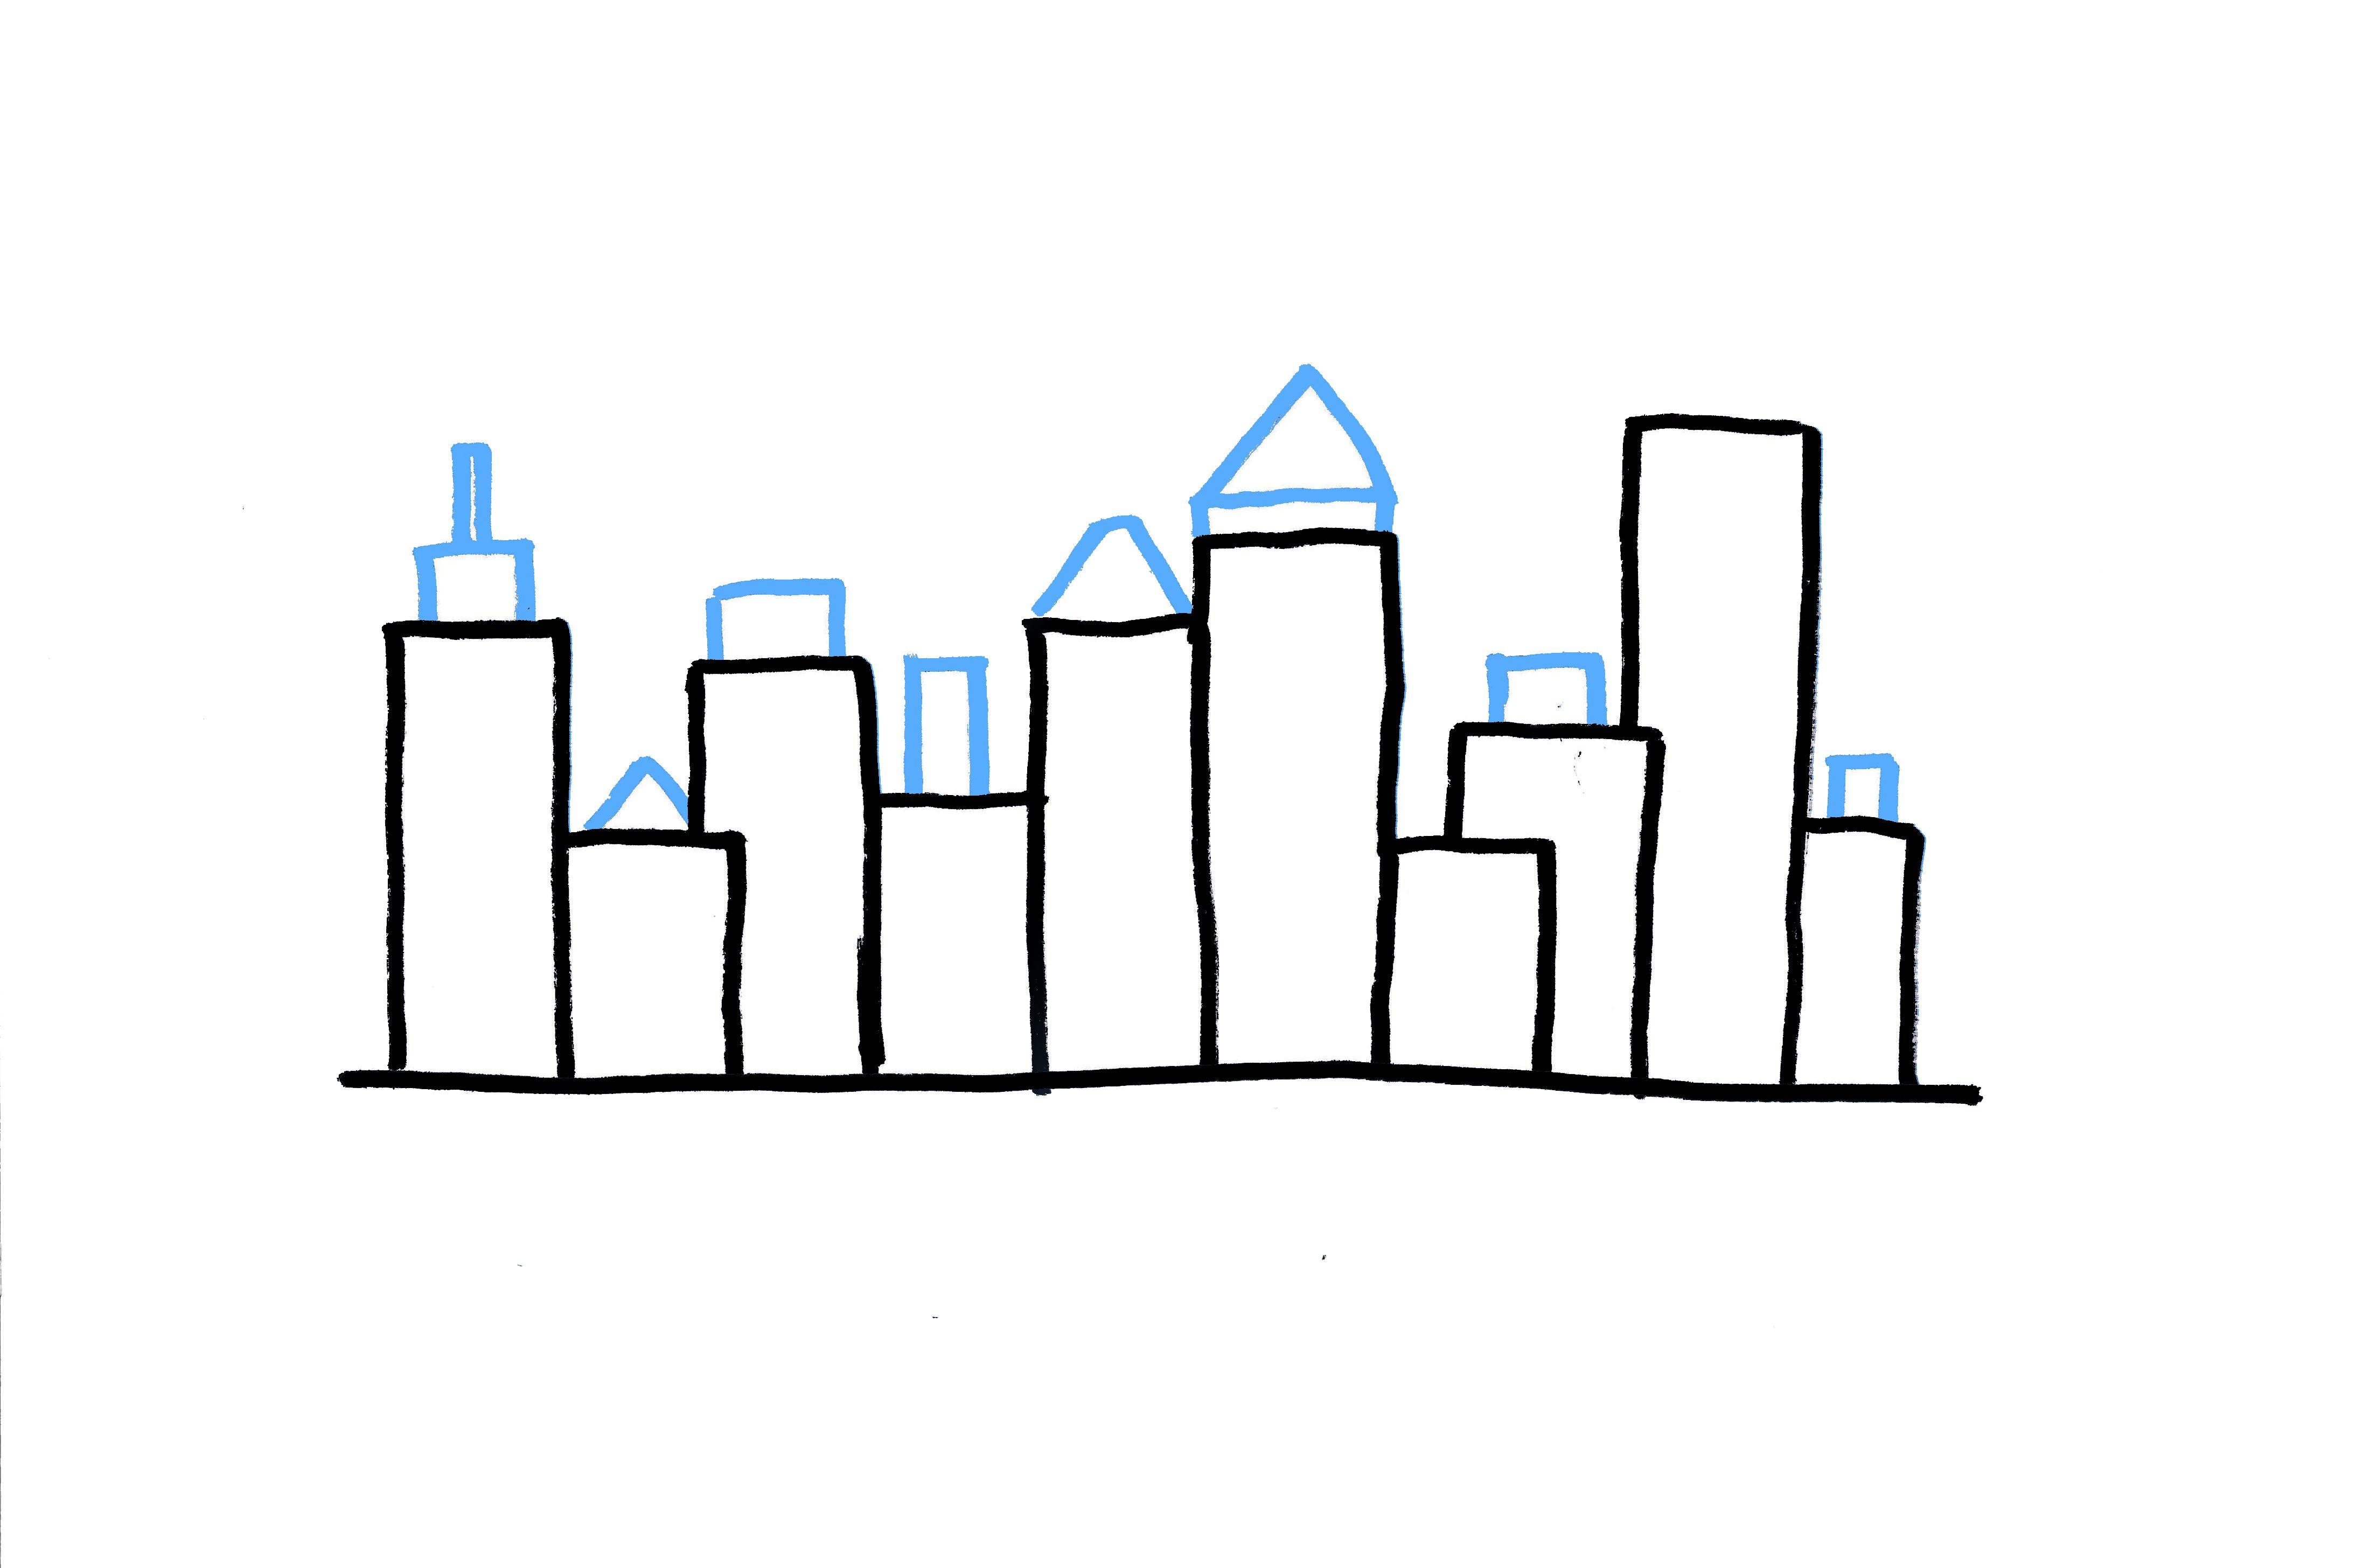 4400x2911 How To Draw A City Skyline Ways Skylines Drawings, Skyline